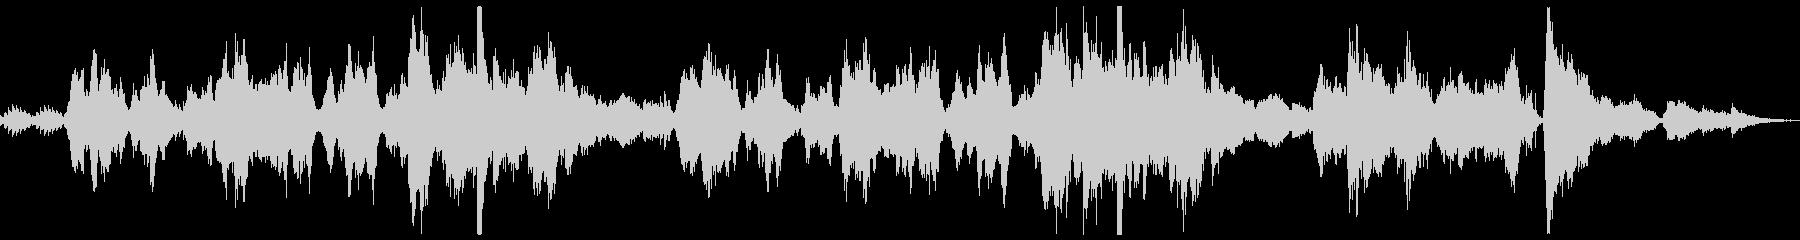 タイスの瞑想 ピアノ・バイオリンカバーの未再生の波形